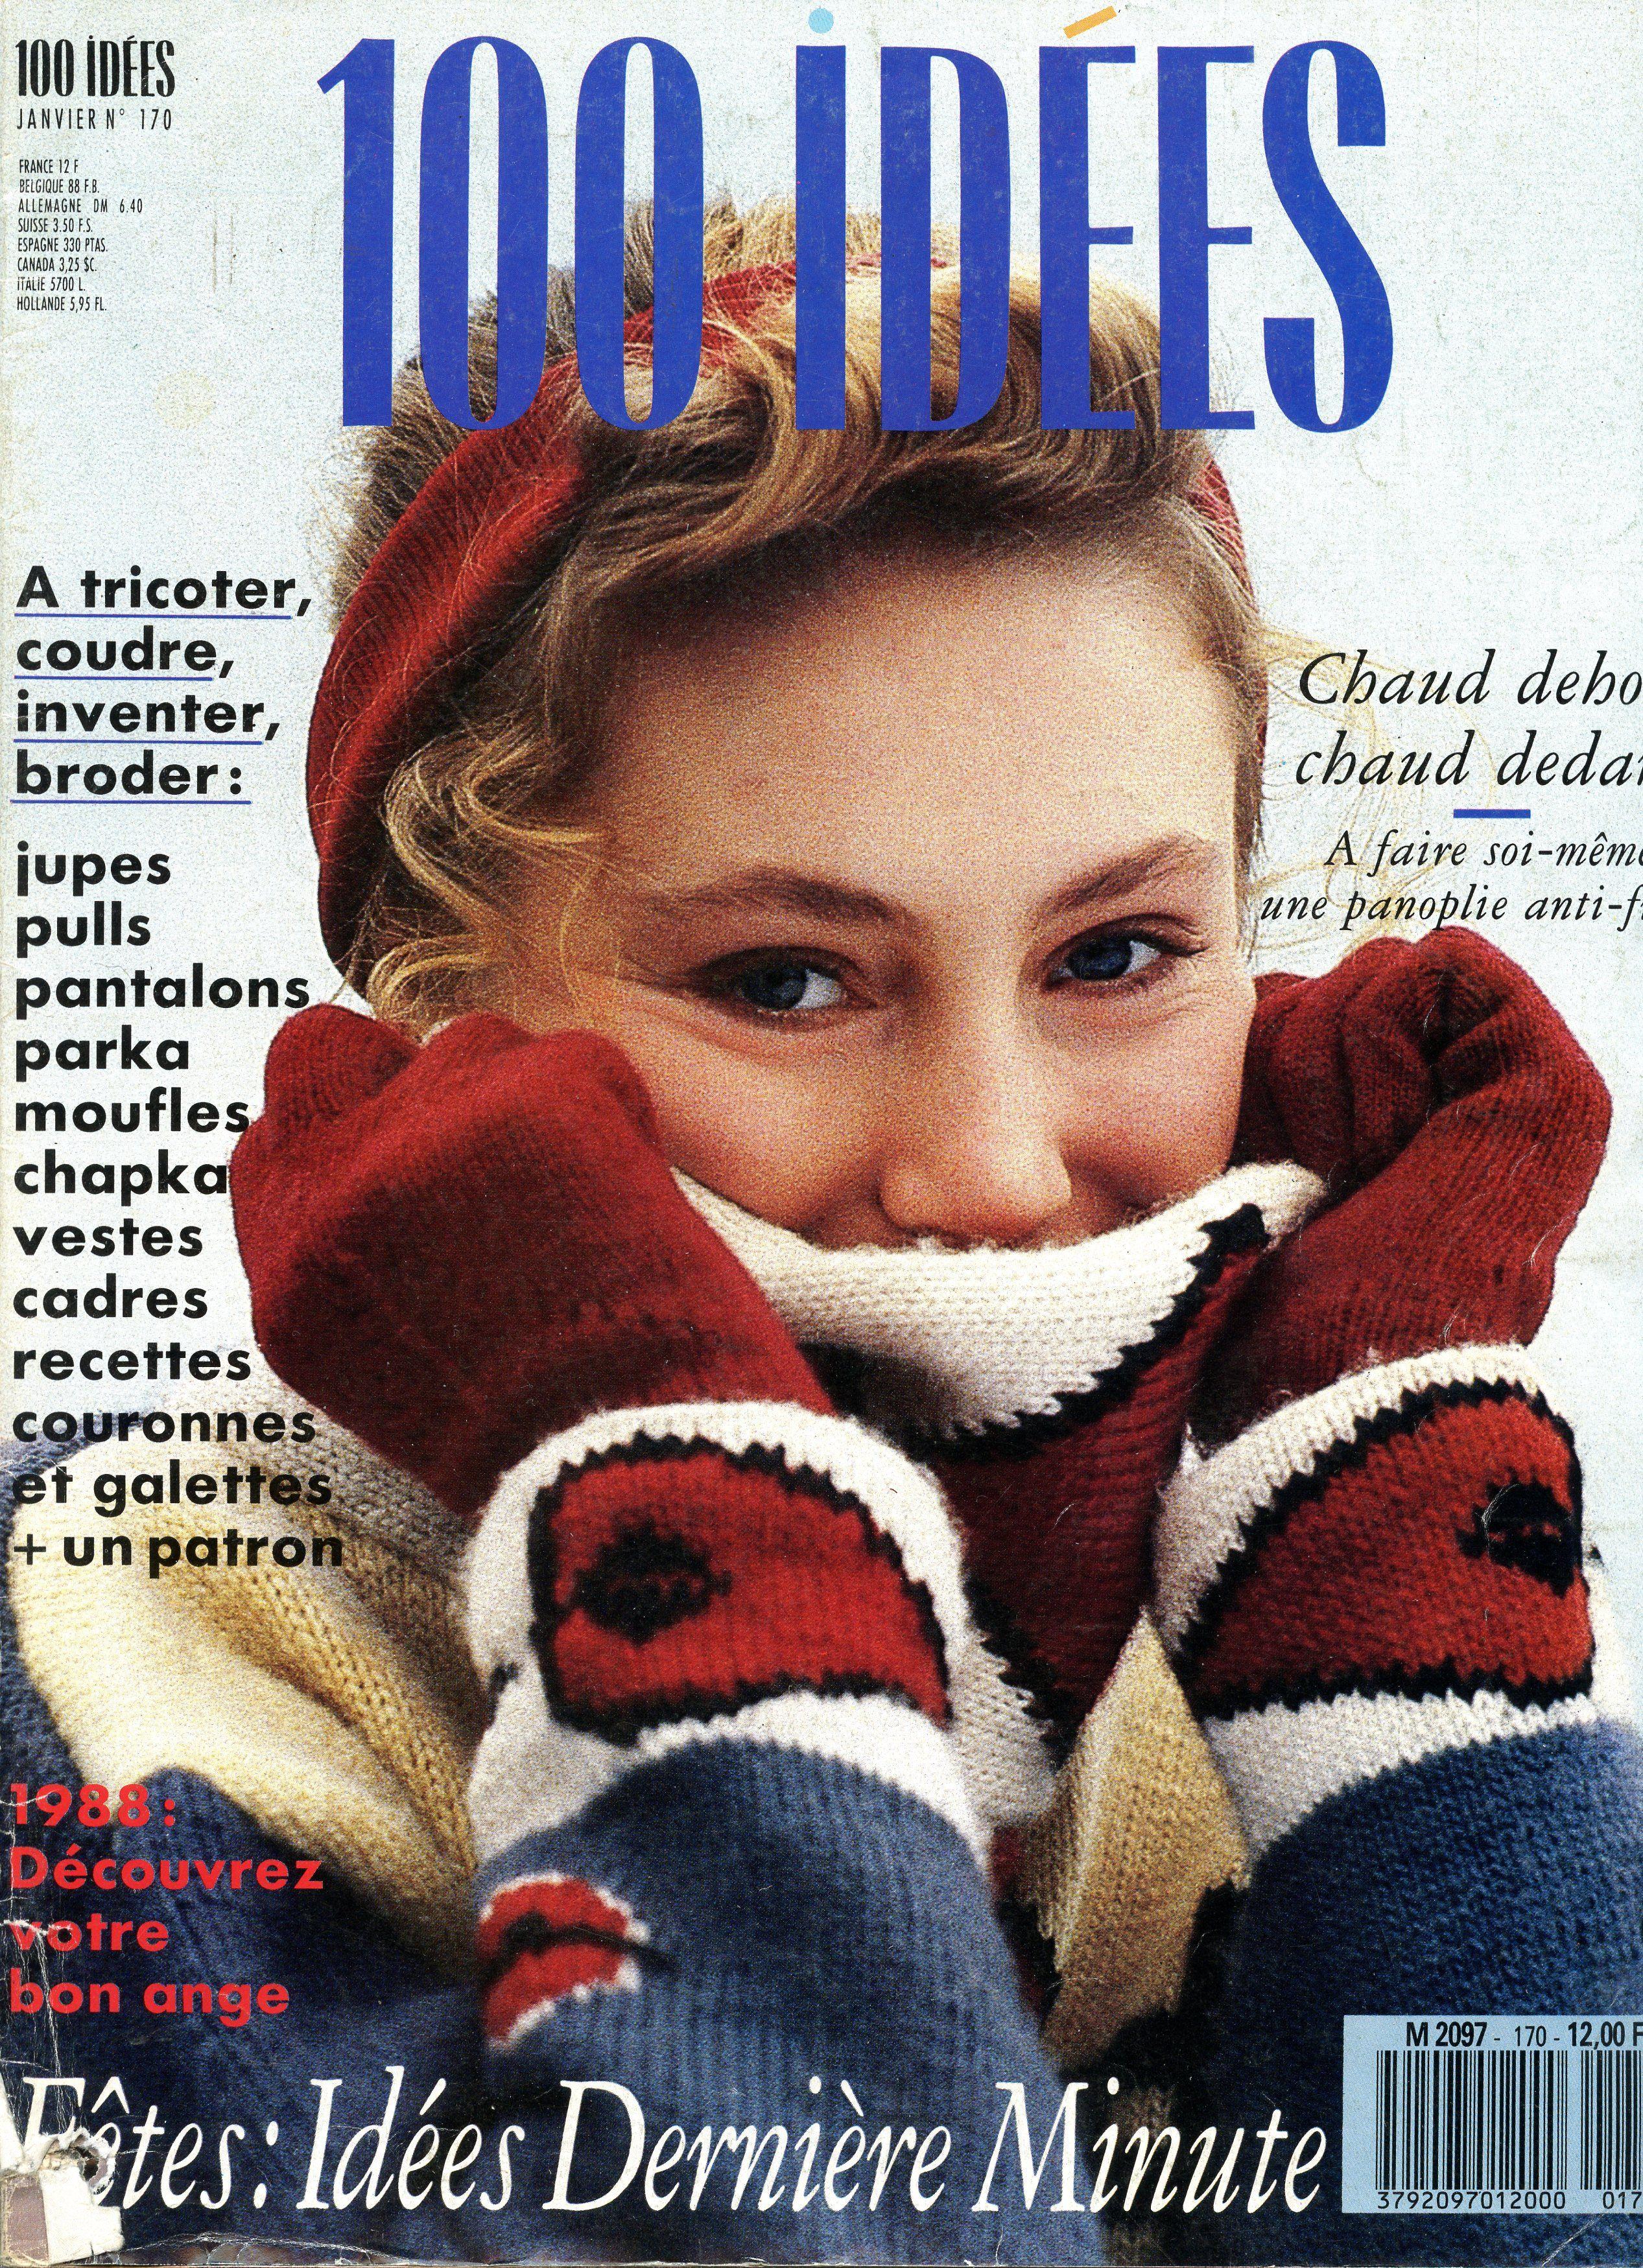 100 Idées n° 170 - janvier 1988 - couverture - photo M. Berton.